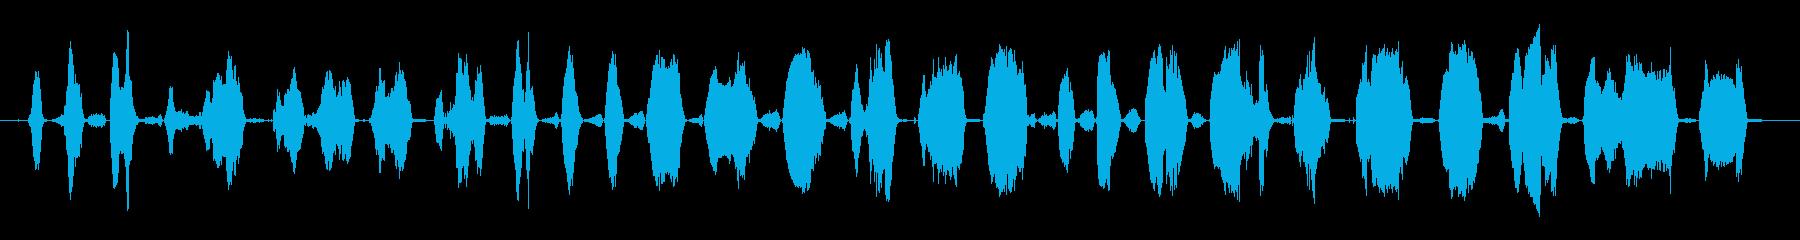 成人女性:苦労するうなり声の再生済みの波形